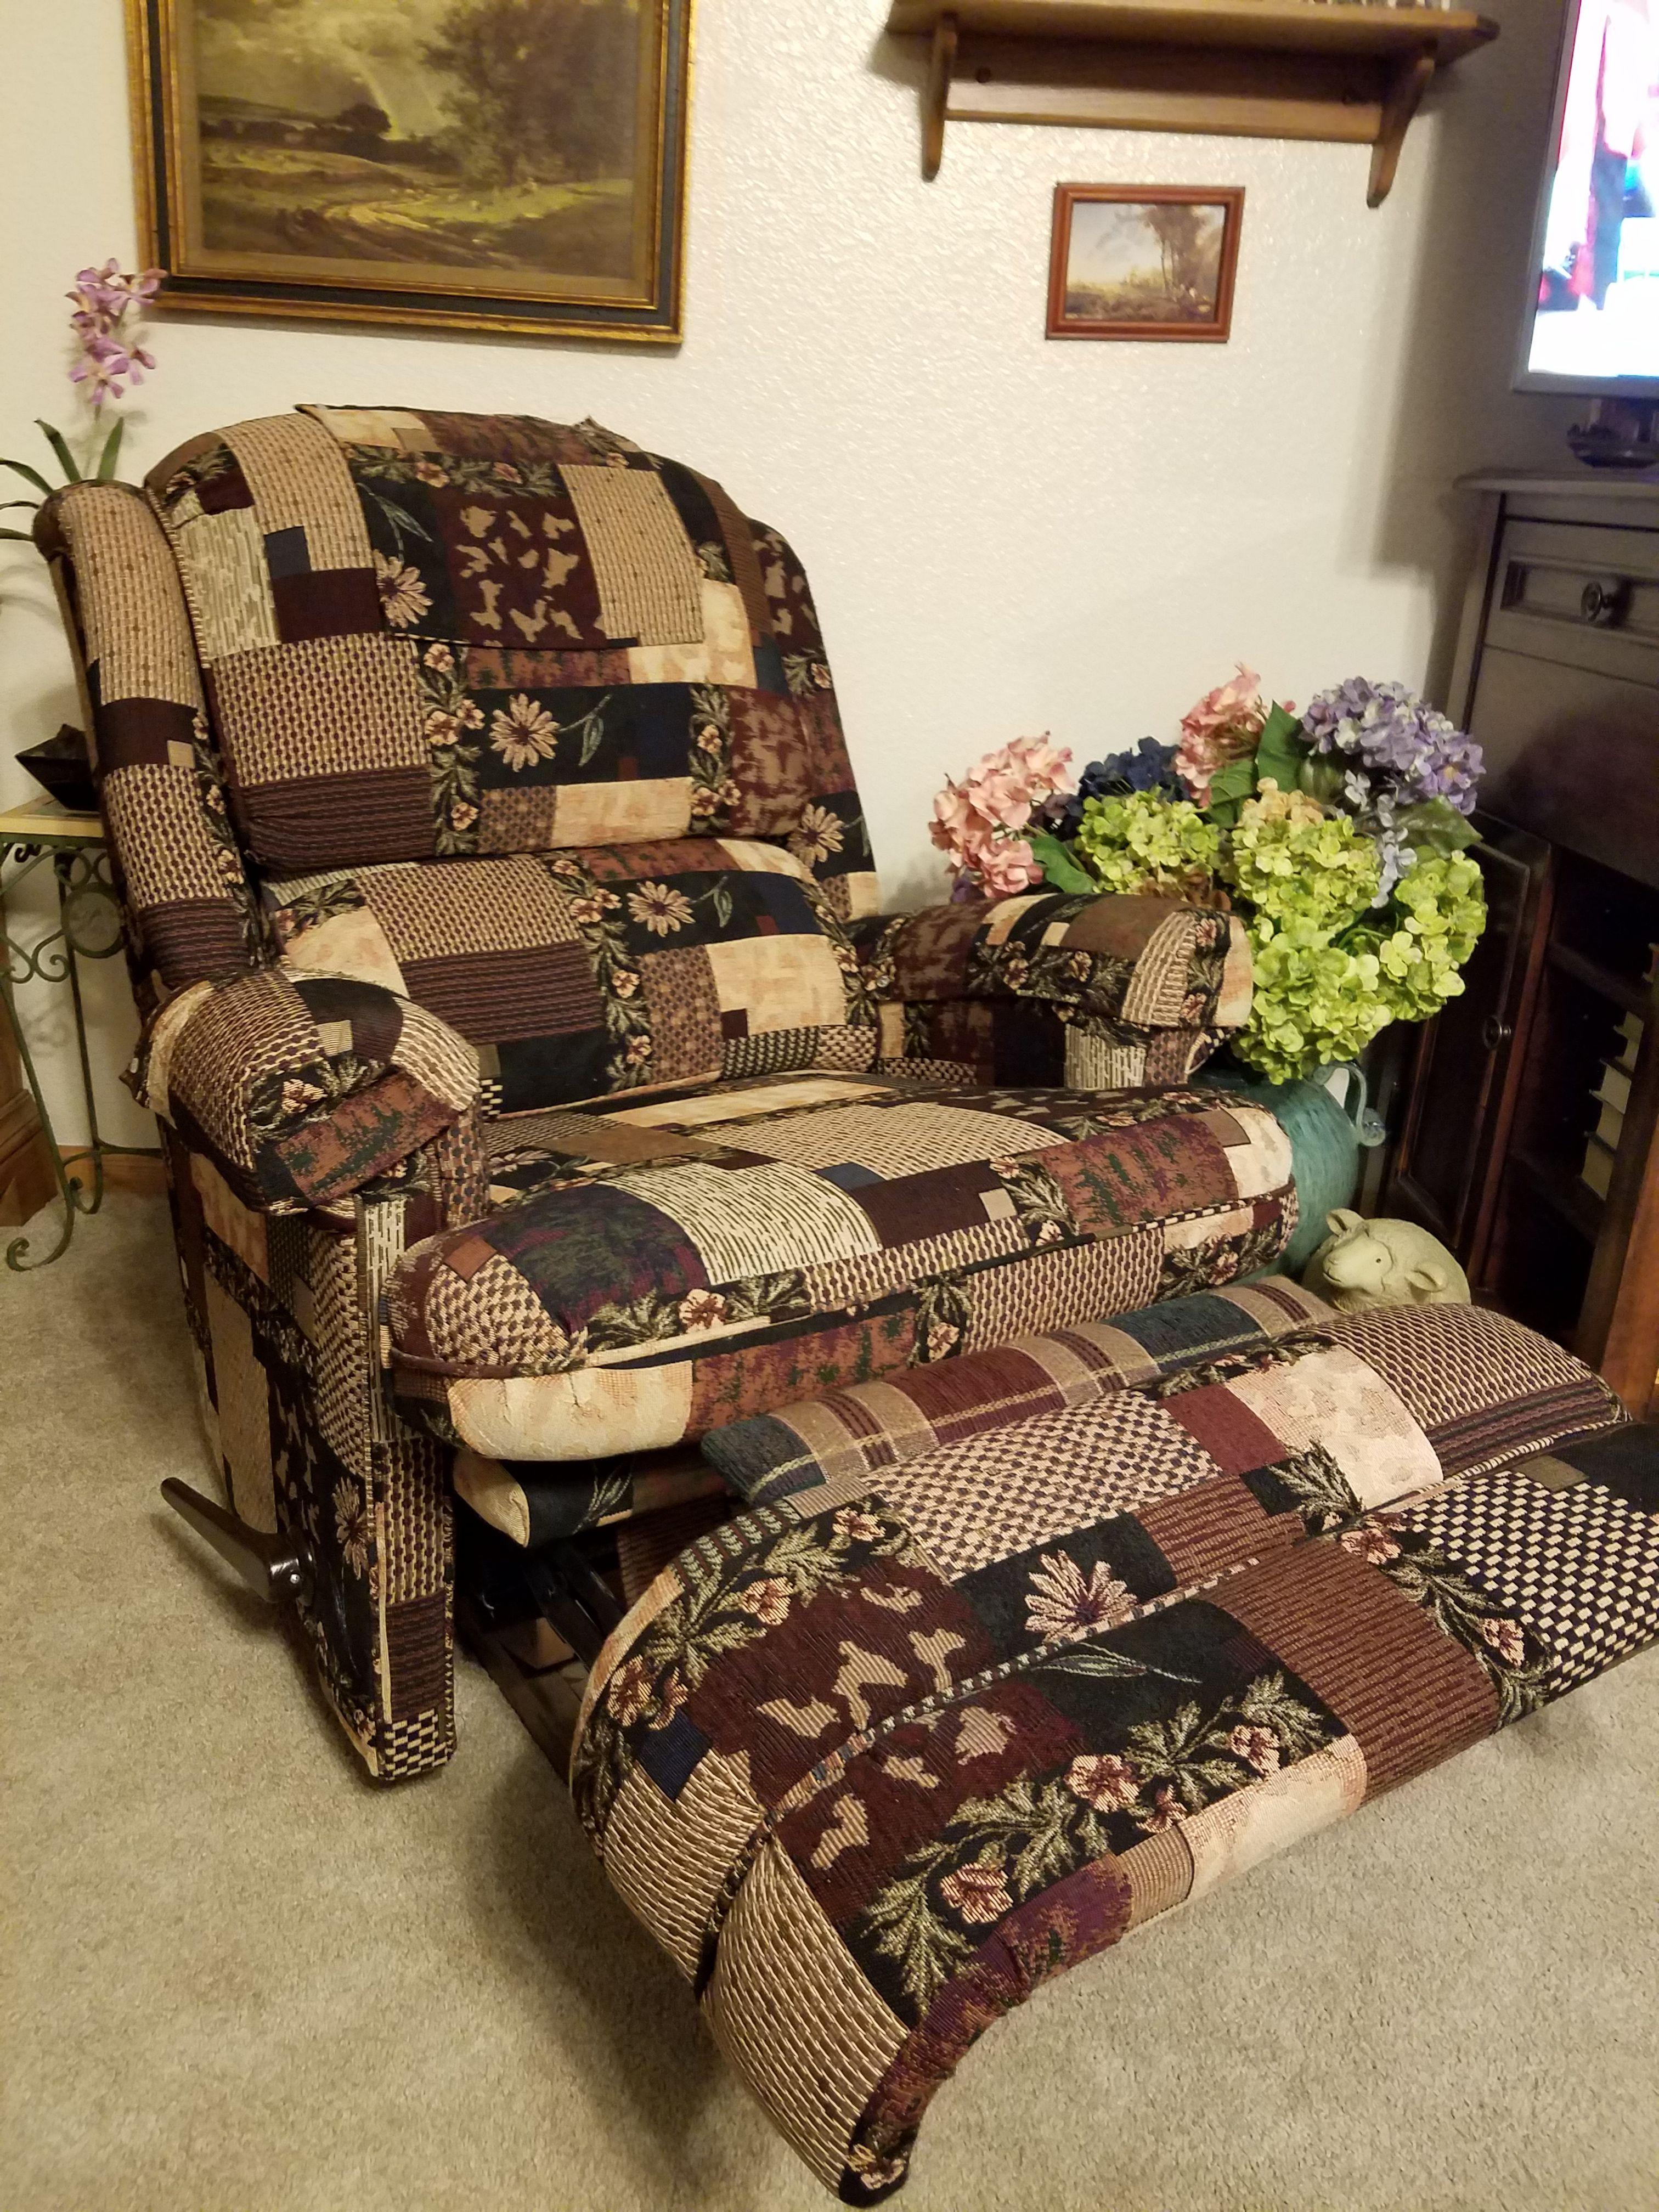 Rocker/Recliner Chair image 2